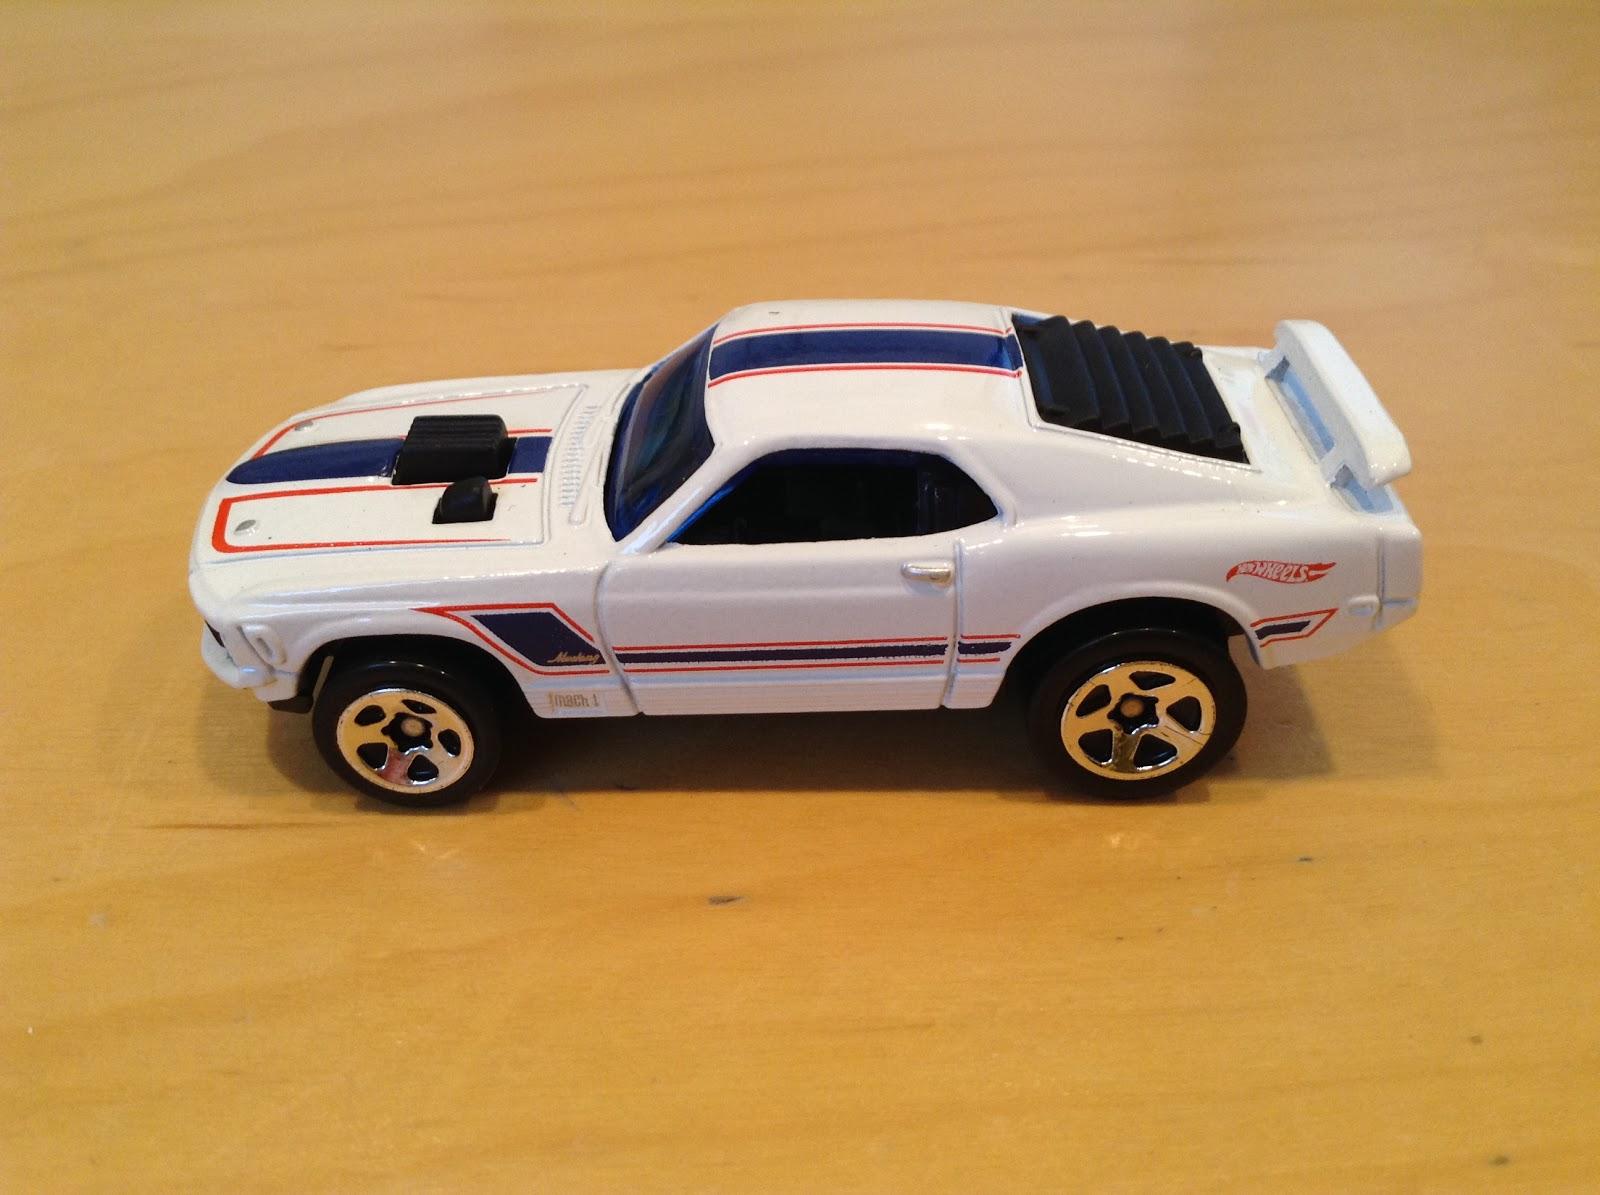 Julian s Hot Wheels Blog 1970 Ford Mustang Mach 1 2017